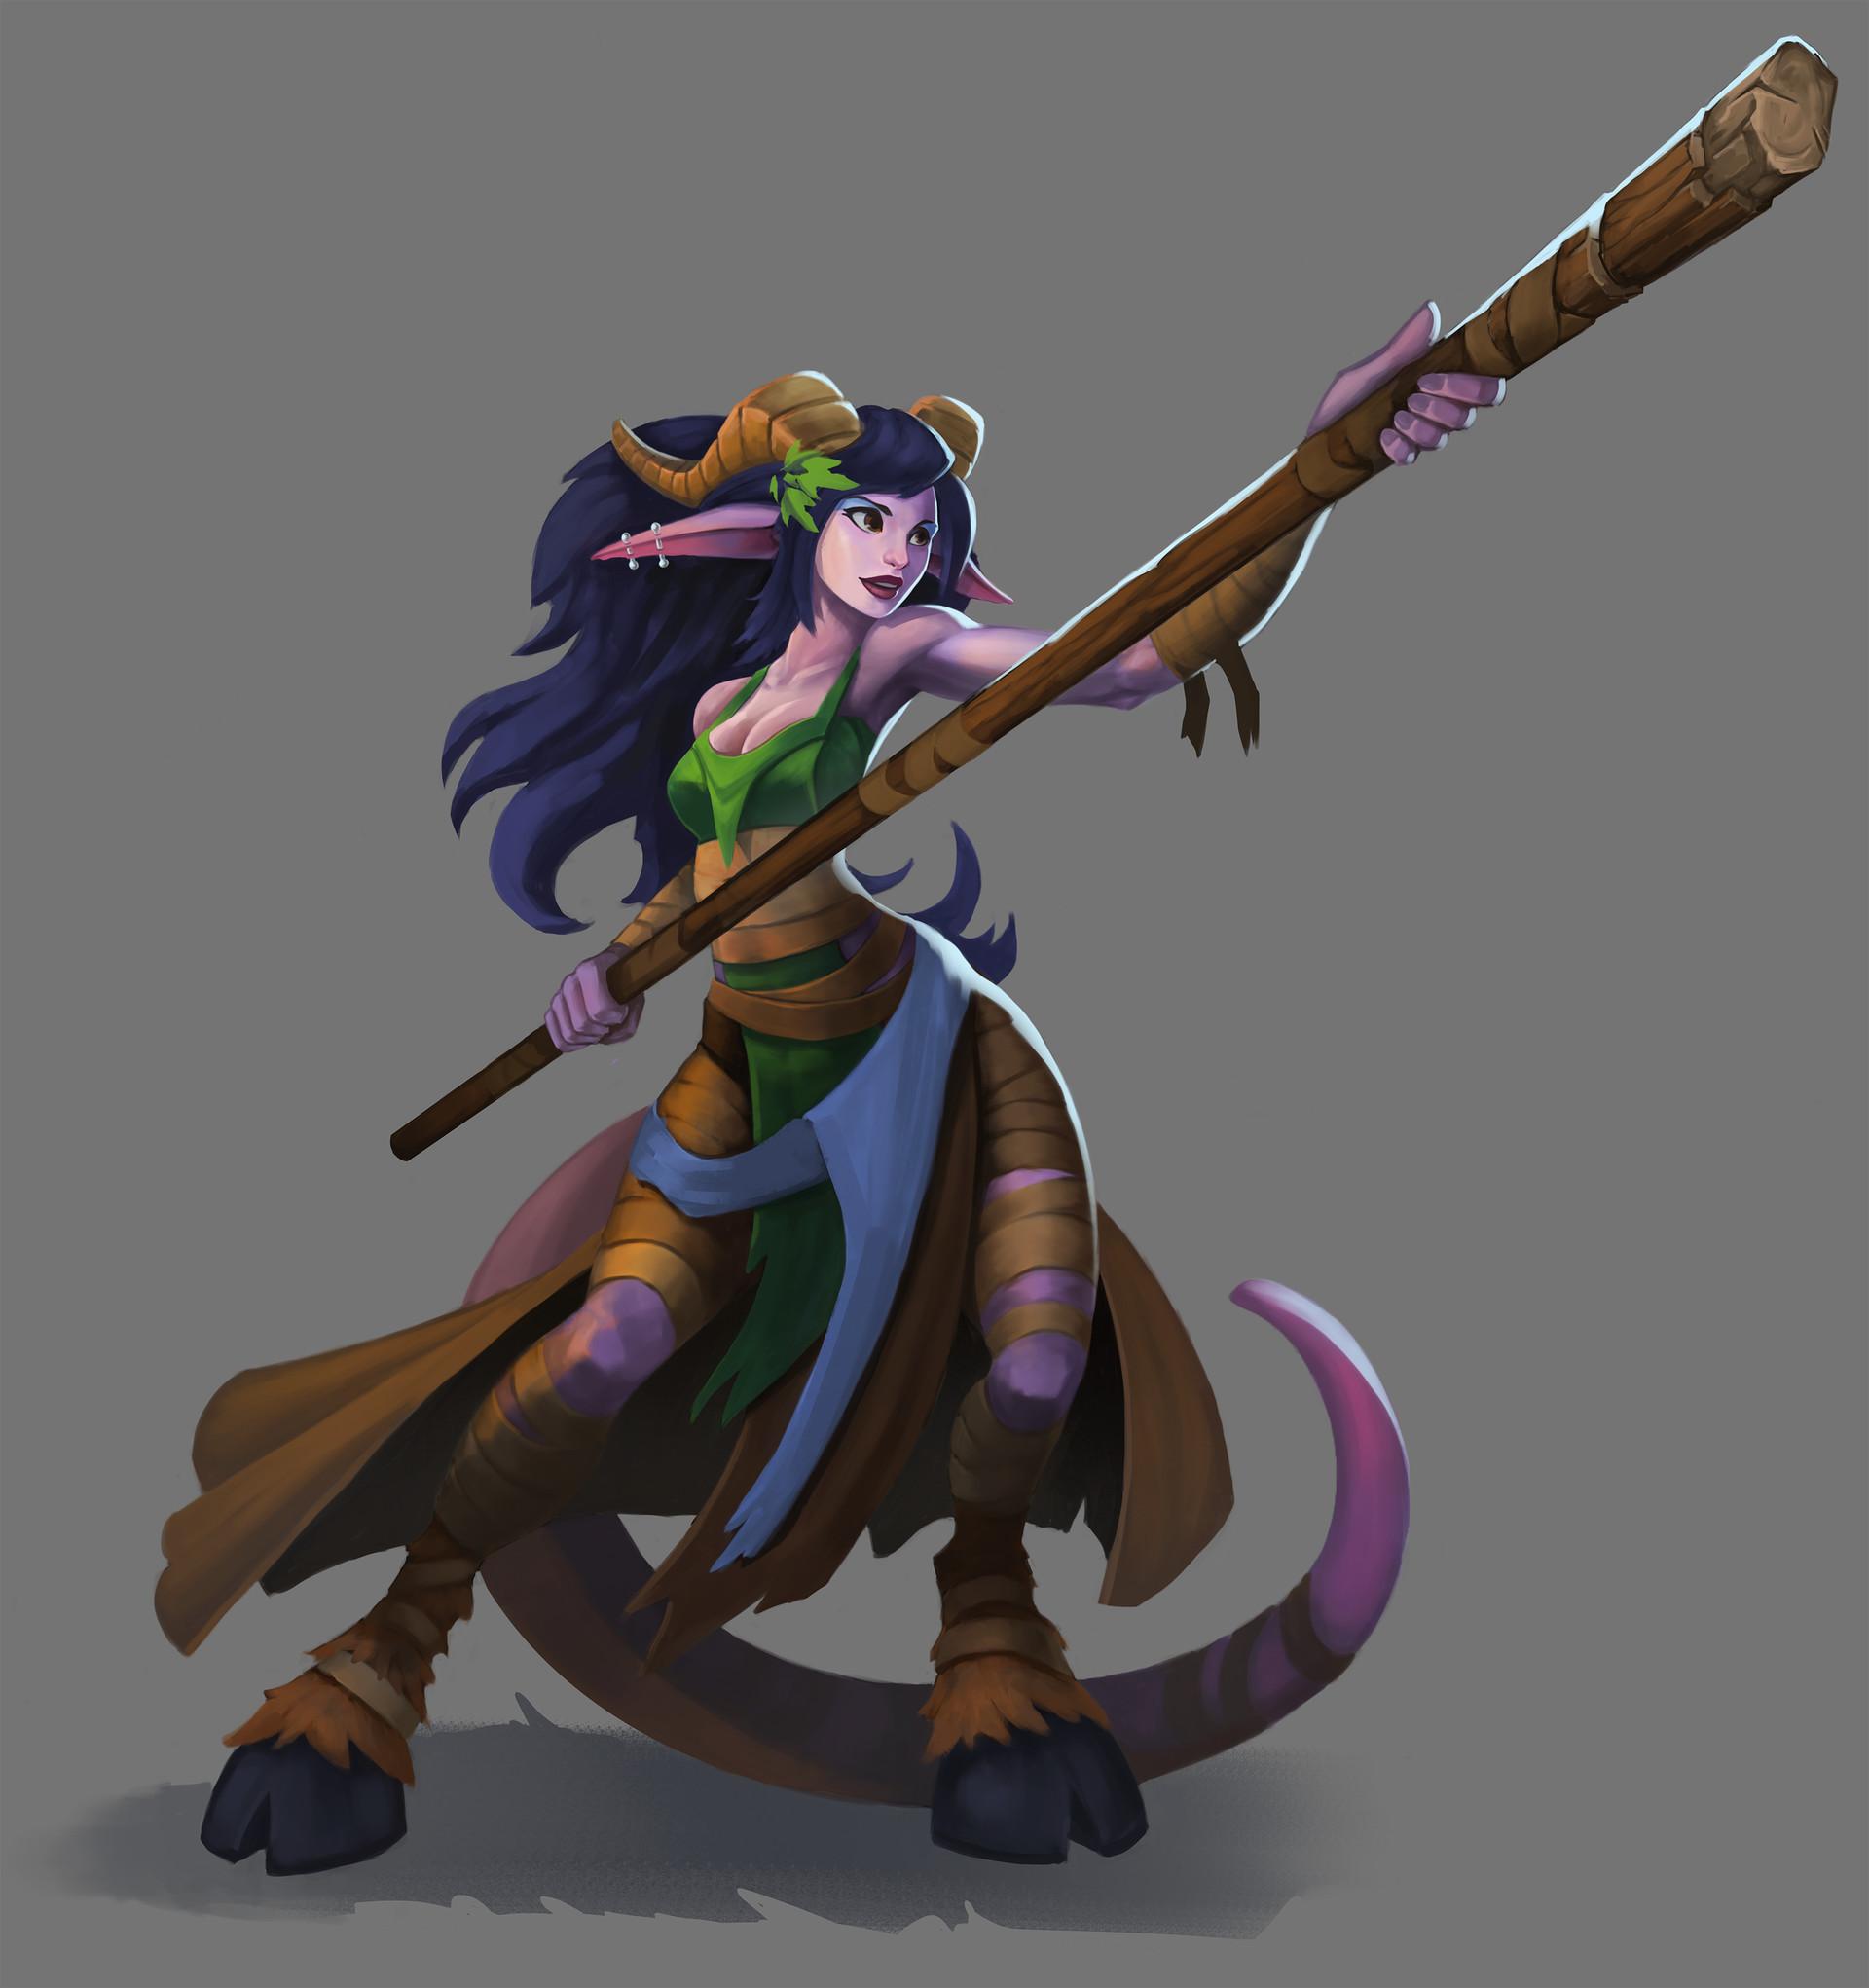 Fantasy fighter girl w/ staff